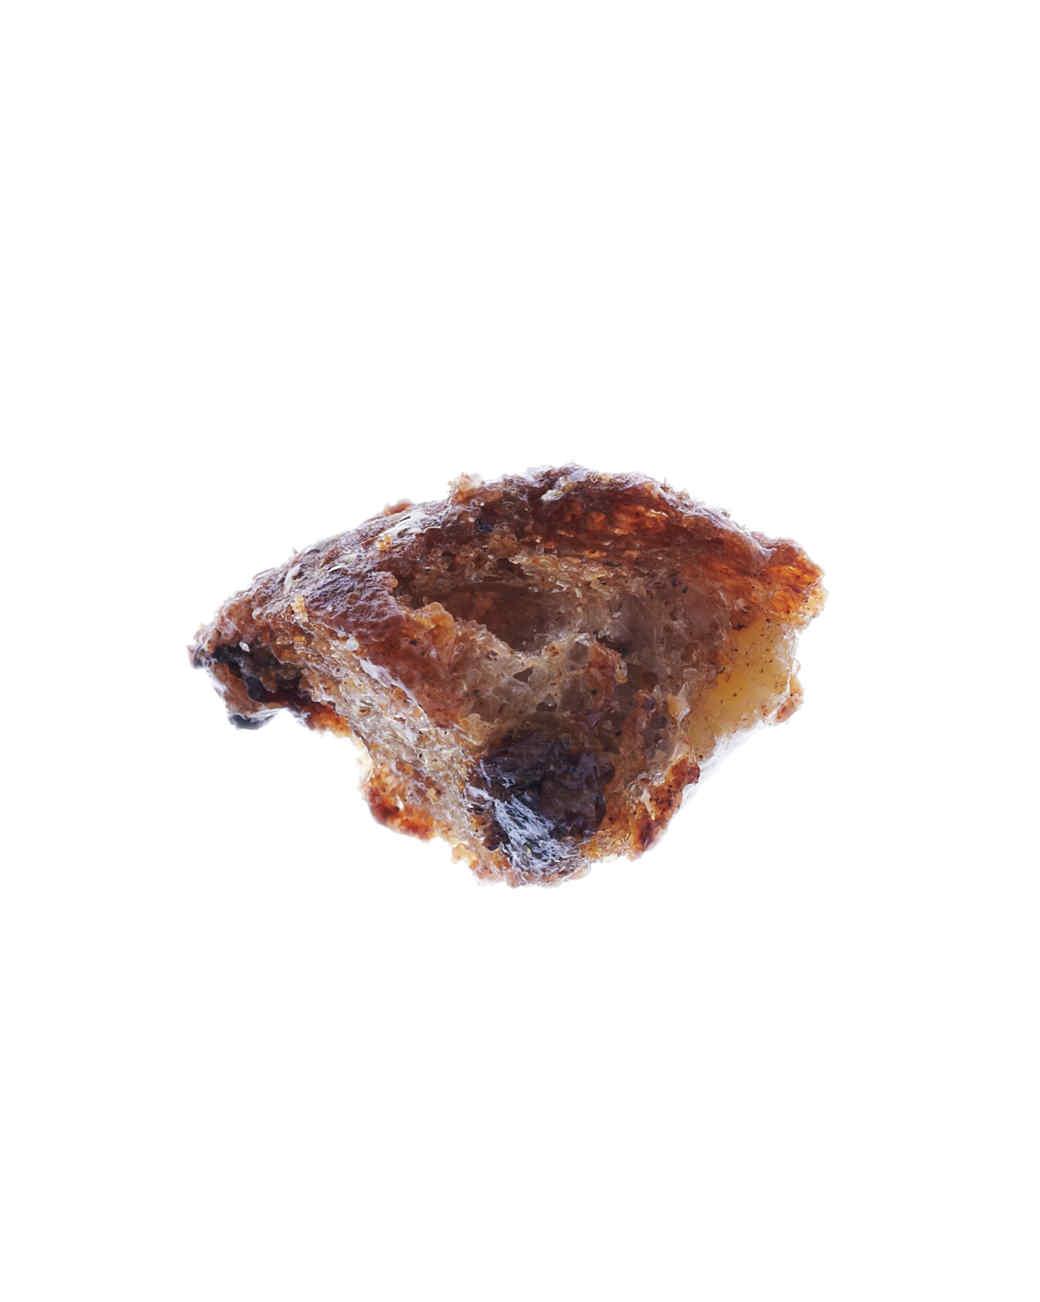 Cinnamon-Raisin Croutons